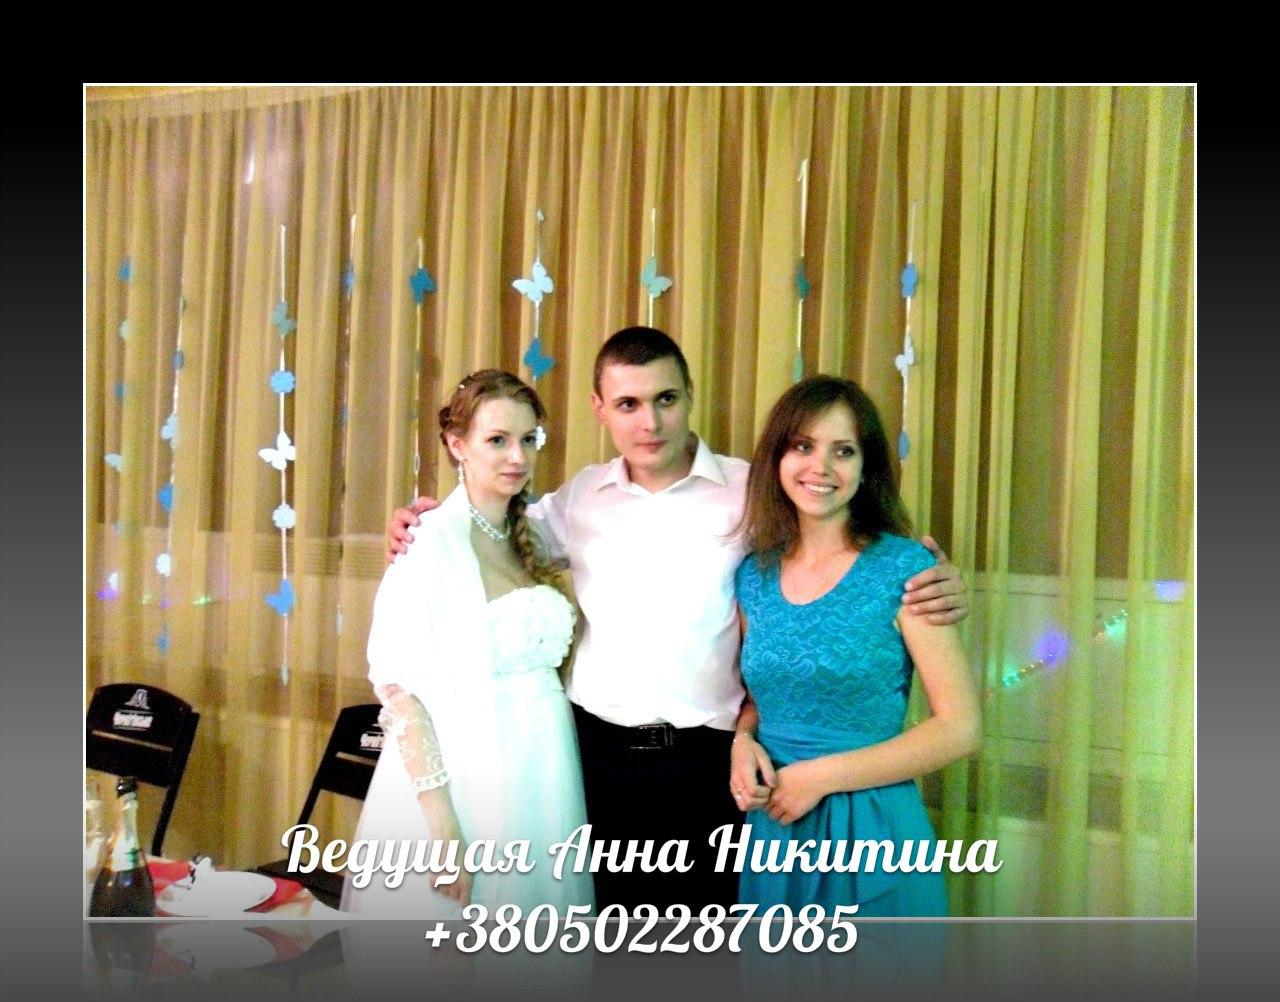 025 Организация свадьбы в Днепропетровске